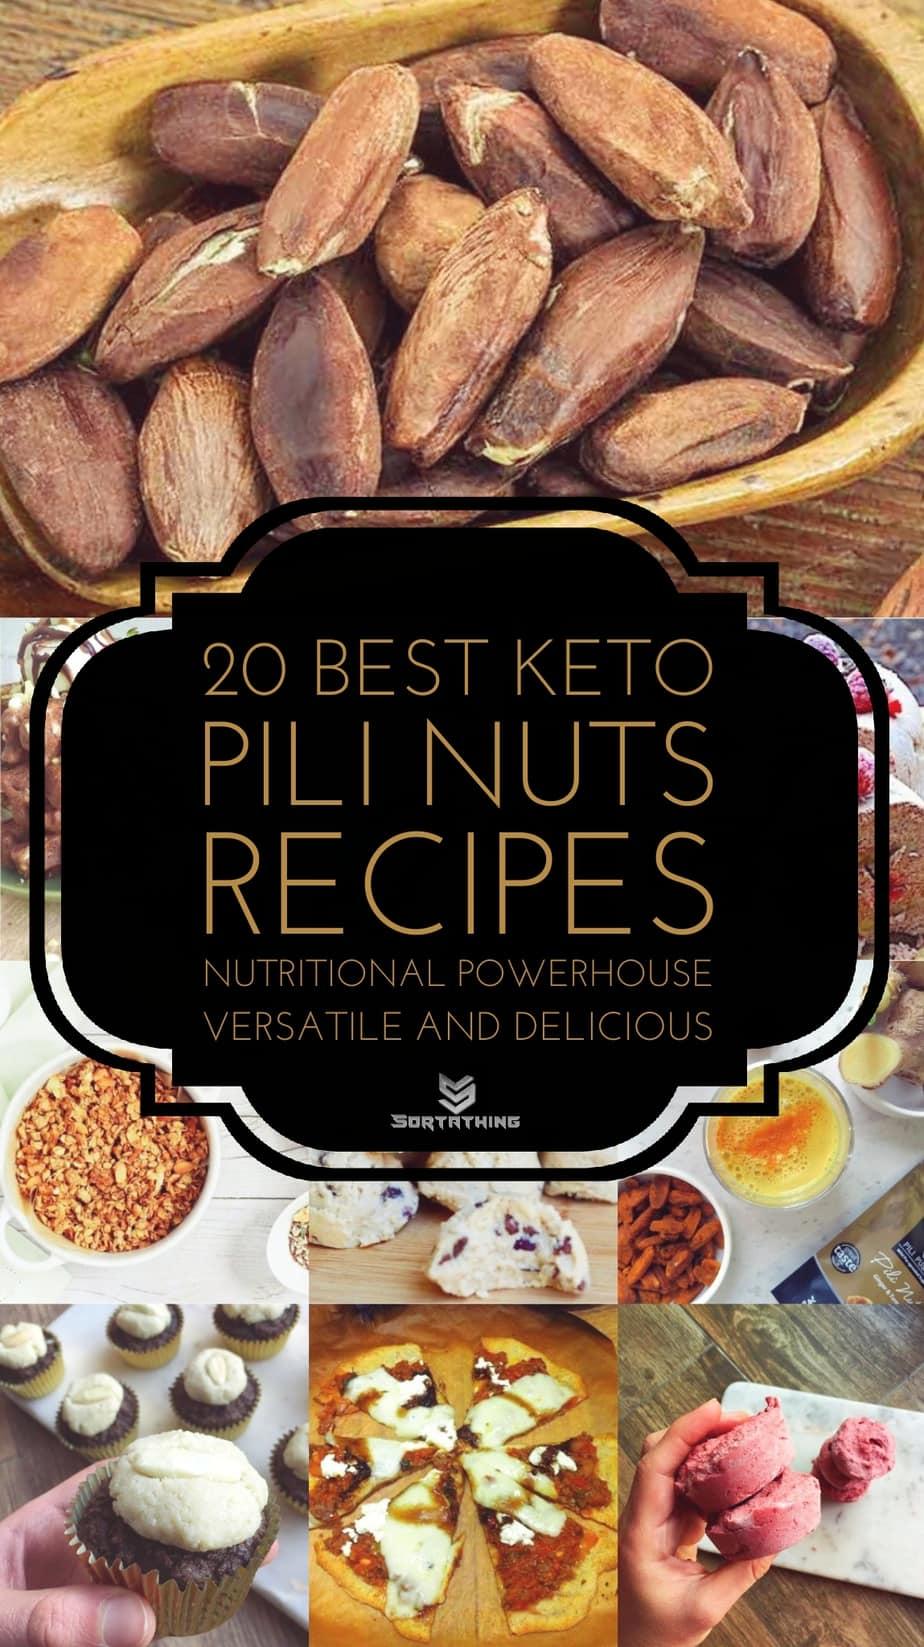 20 Best Keto Pili Nuts Recipes